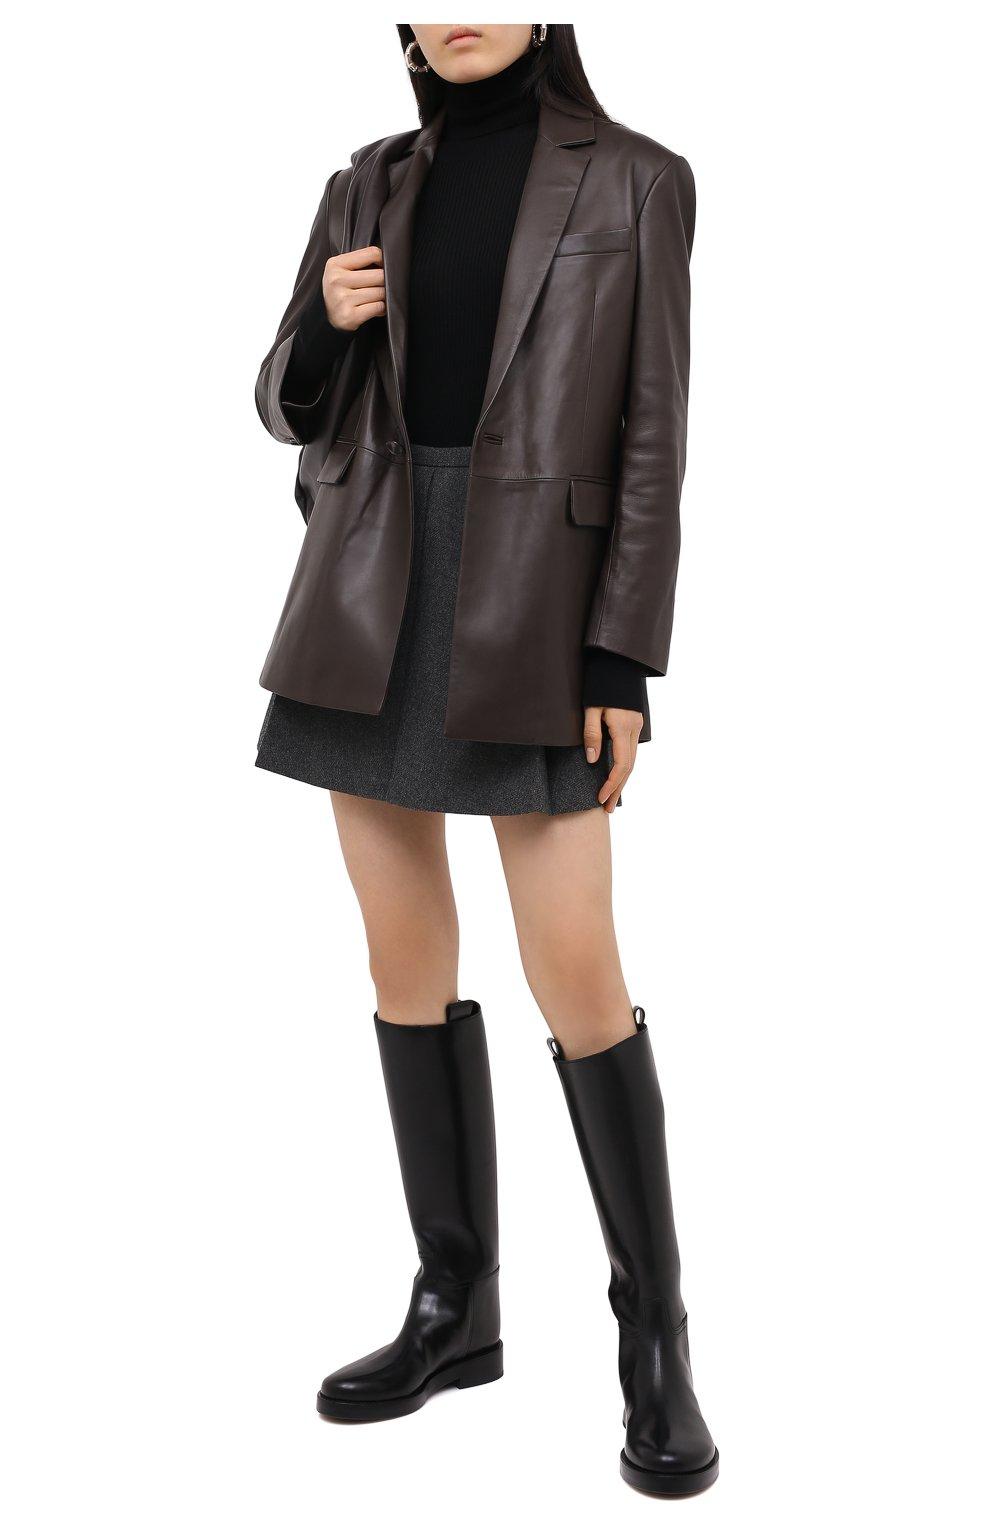 Женские шерстяные шорты BARBARA BUI серого цвета, арт. W1651WAR   Фото 2 (Женское Кросс-КТ: Шорты-одежда; Материал внешний: Шерсть; Длина Ж (юбки, платья, шорты): Мини; Материал подклада: Синтетический материал; Стили: Кэжуэл)